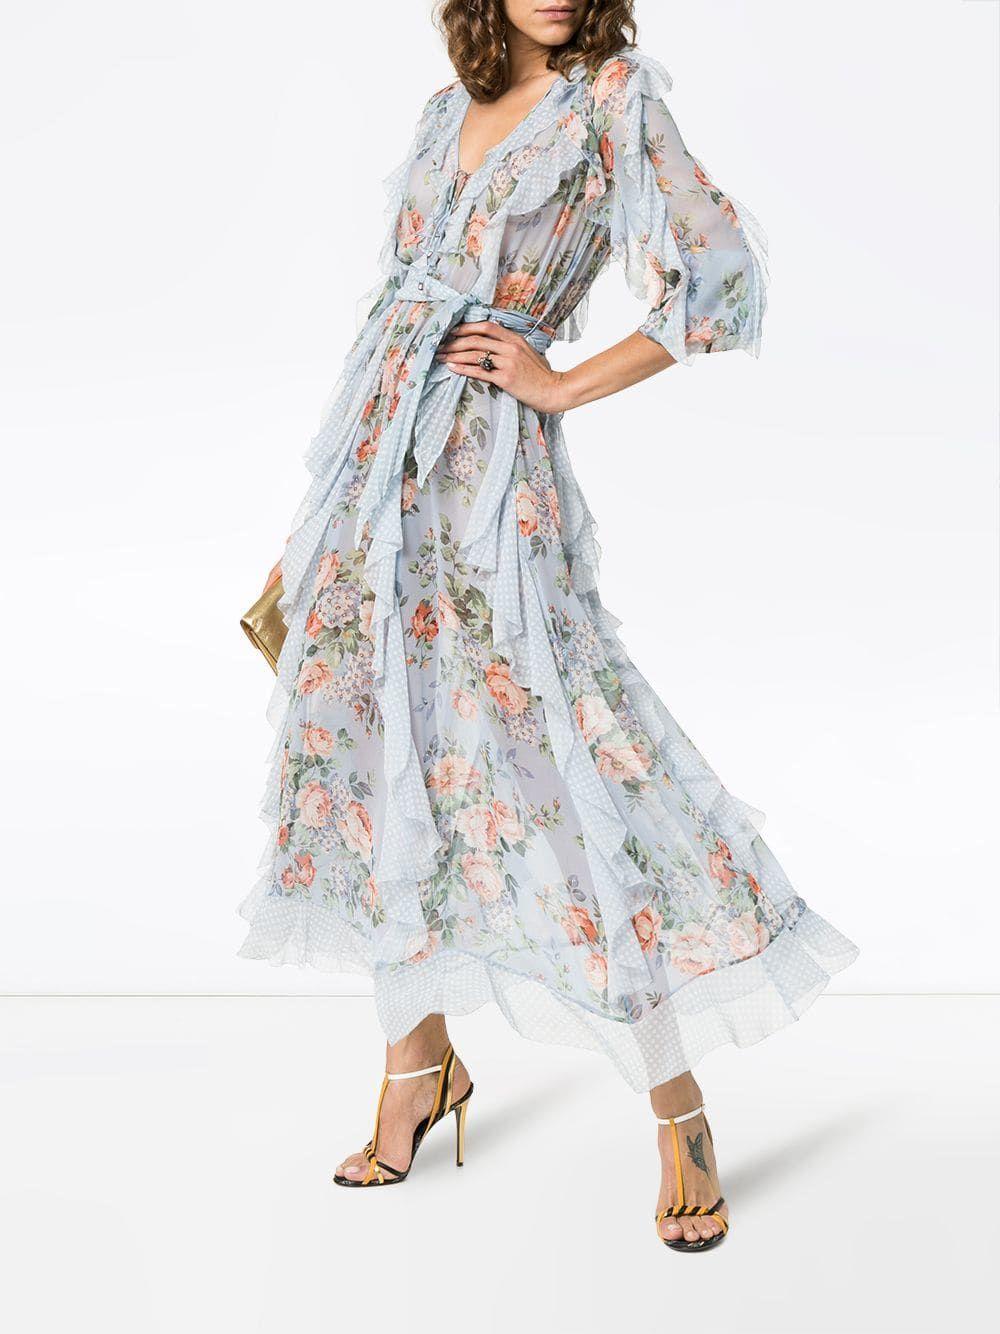 Size S UK Zimmerman Style Chiffon Ruffle Print Dress M L